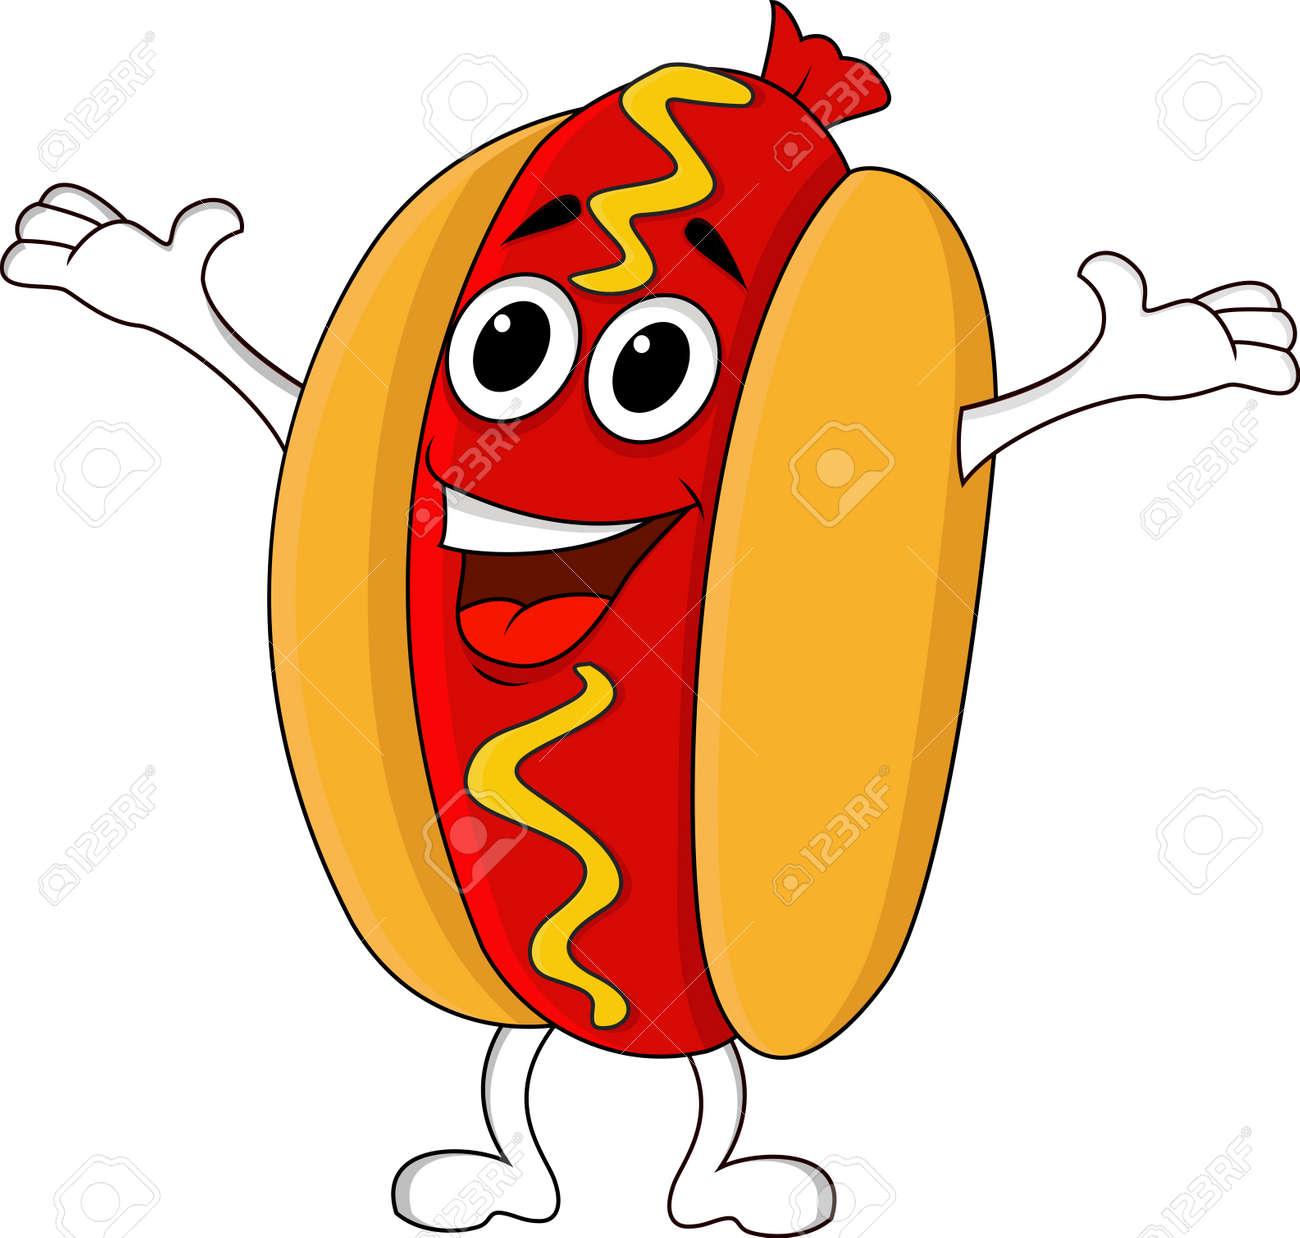 「ホットドッグ キャラクター」の画像検索結果